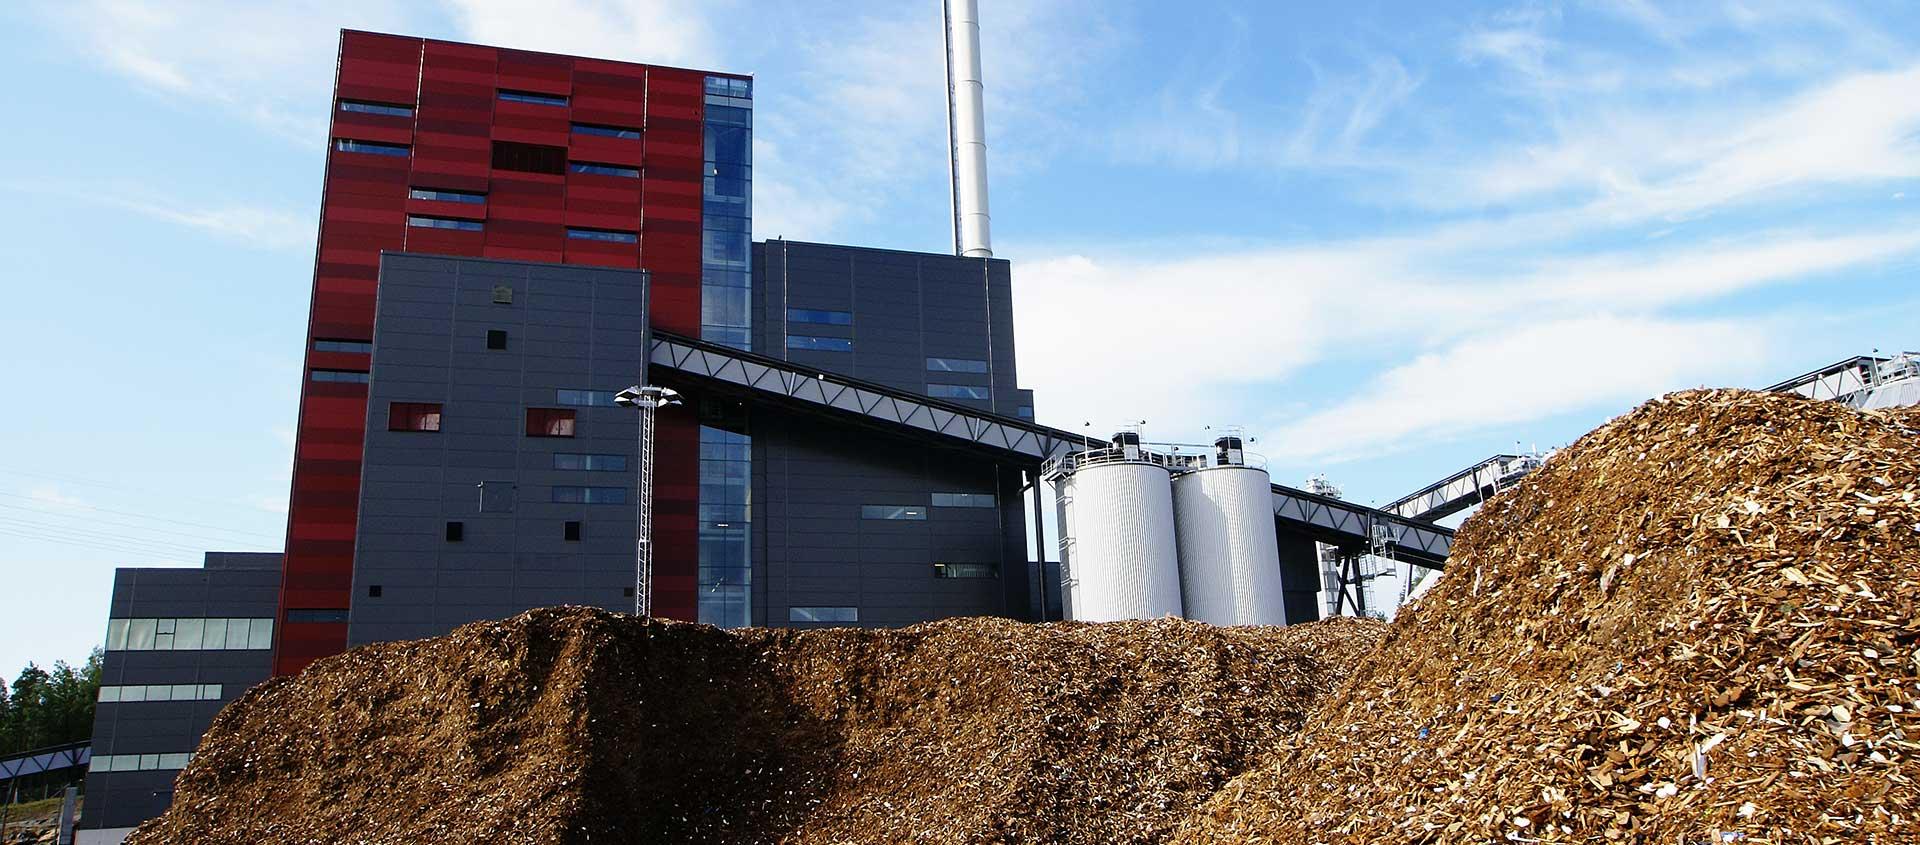 koehler-heizung-lueftung-sanitaer-waldkraiburg-biomasse-2